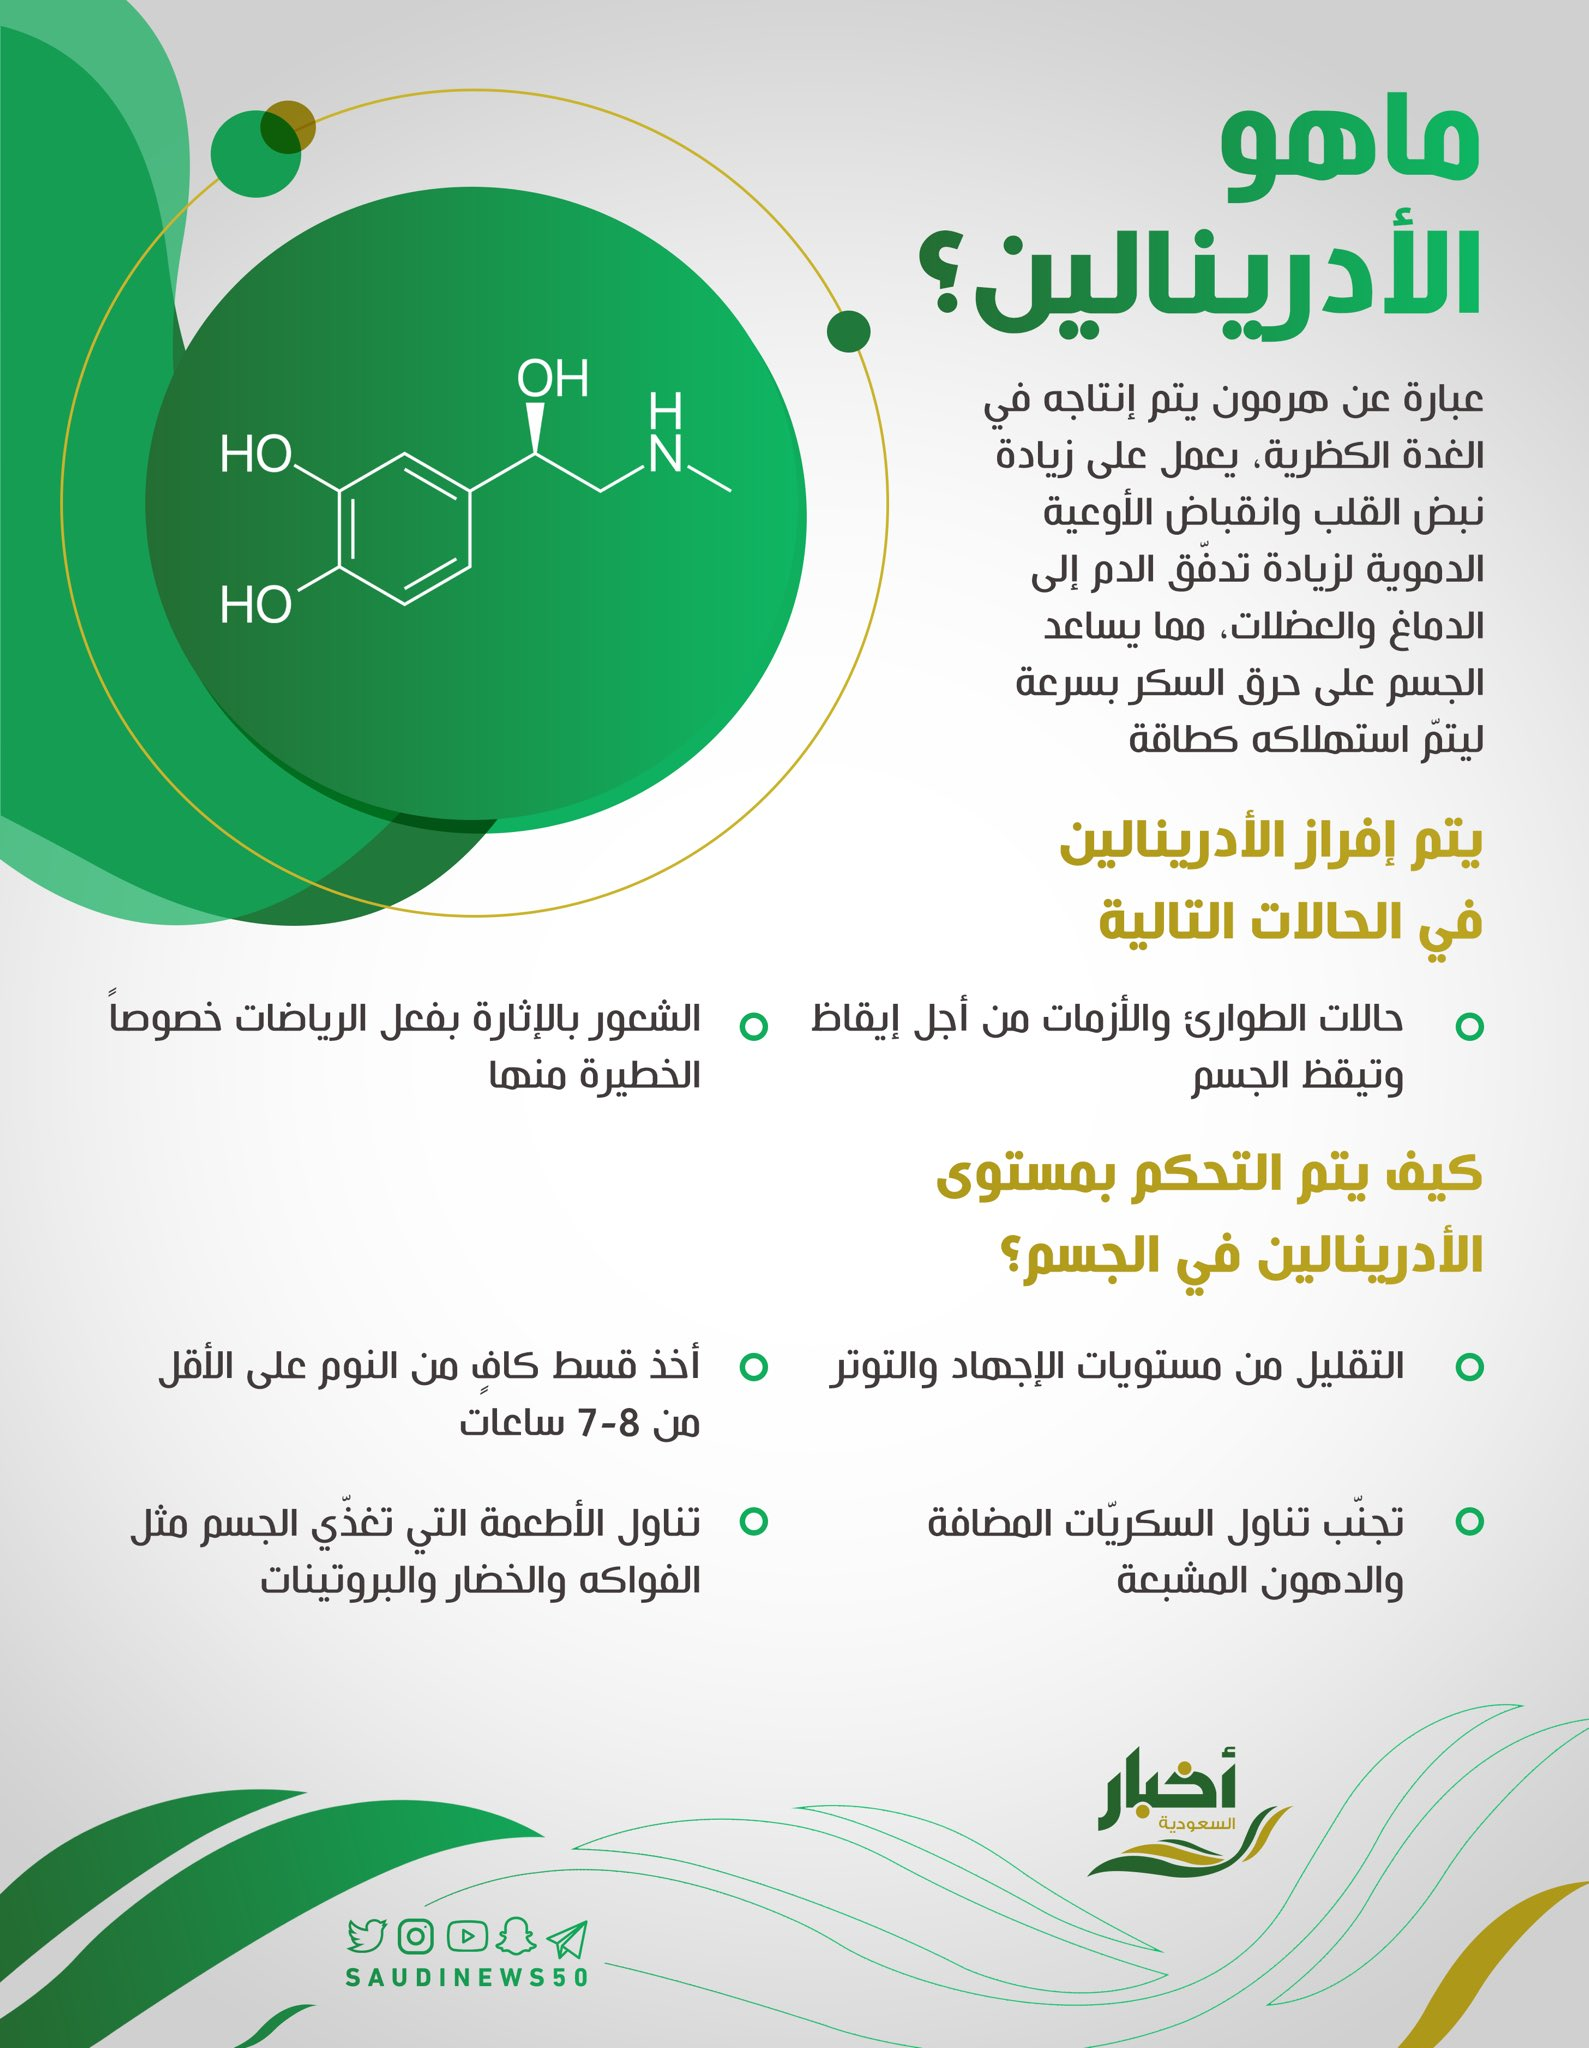 أخبار السعودية En Twitter تعرف على هرمون الأدرينالين الصحة الأدرينالين